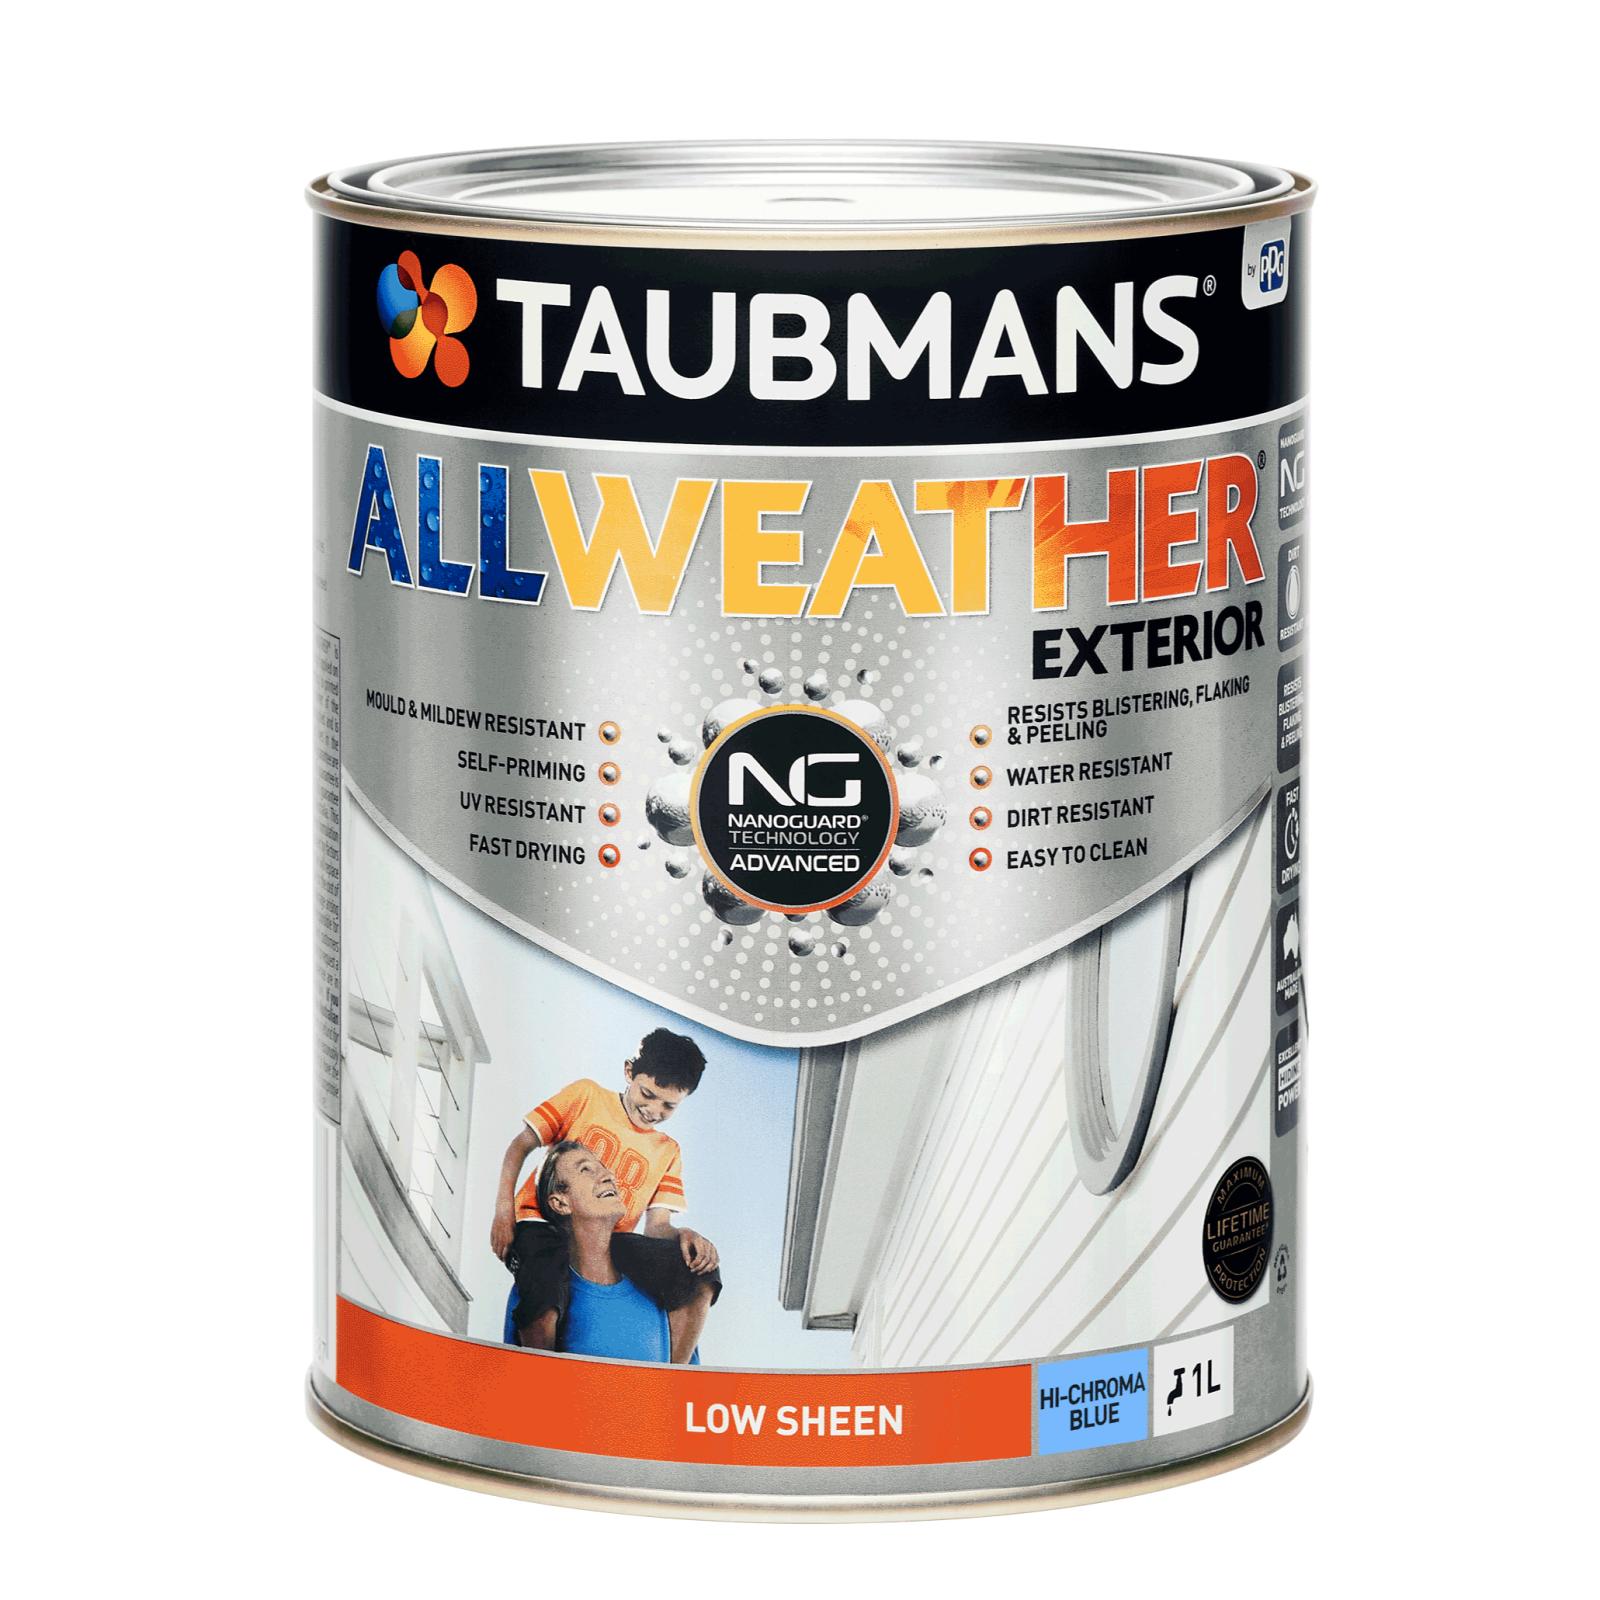 Taubmans 1L Hi C Blue Low Sheen All Weather Exterior Paint